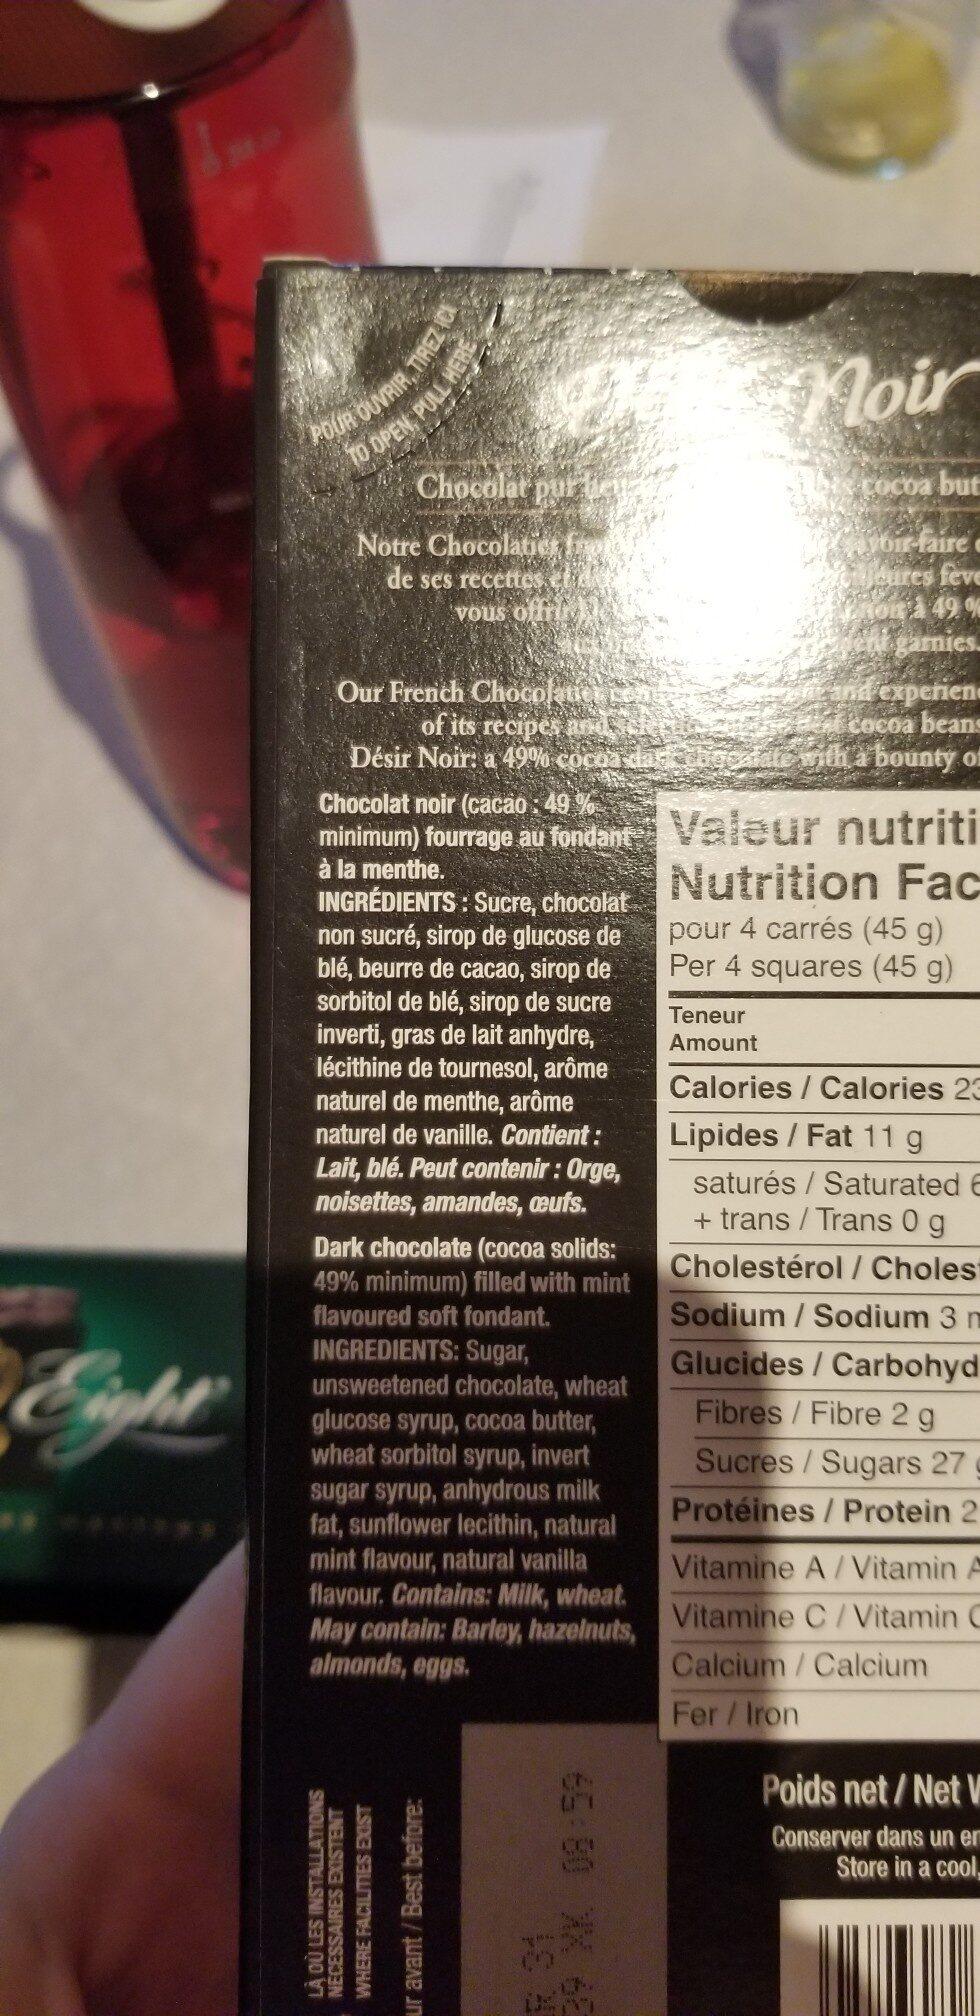 Chocolat noir - fourrage au fondant a la menthe - Ingrédients - en